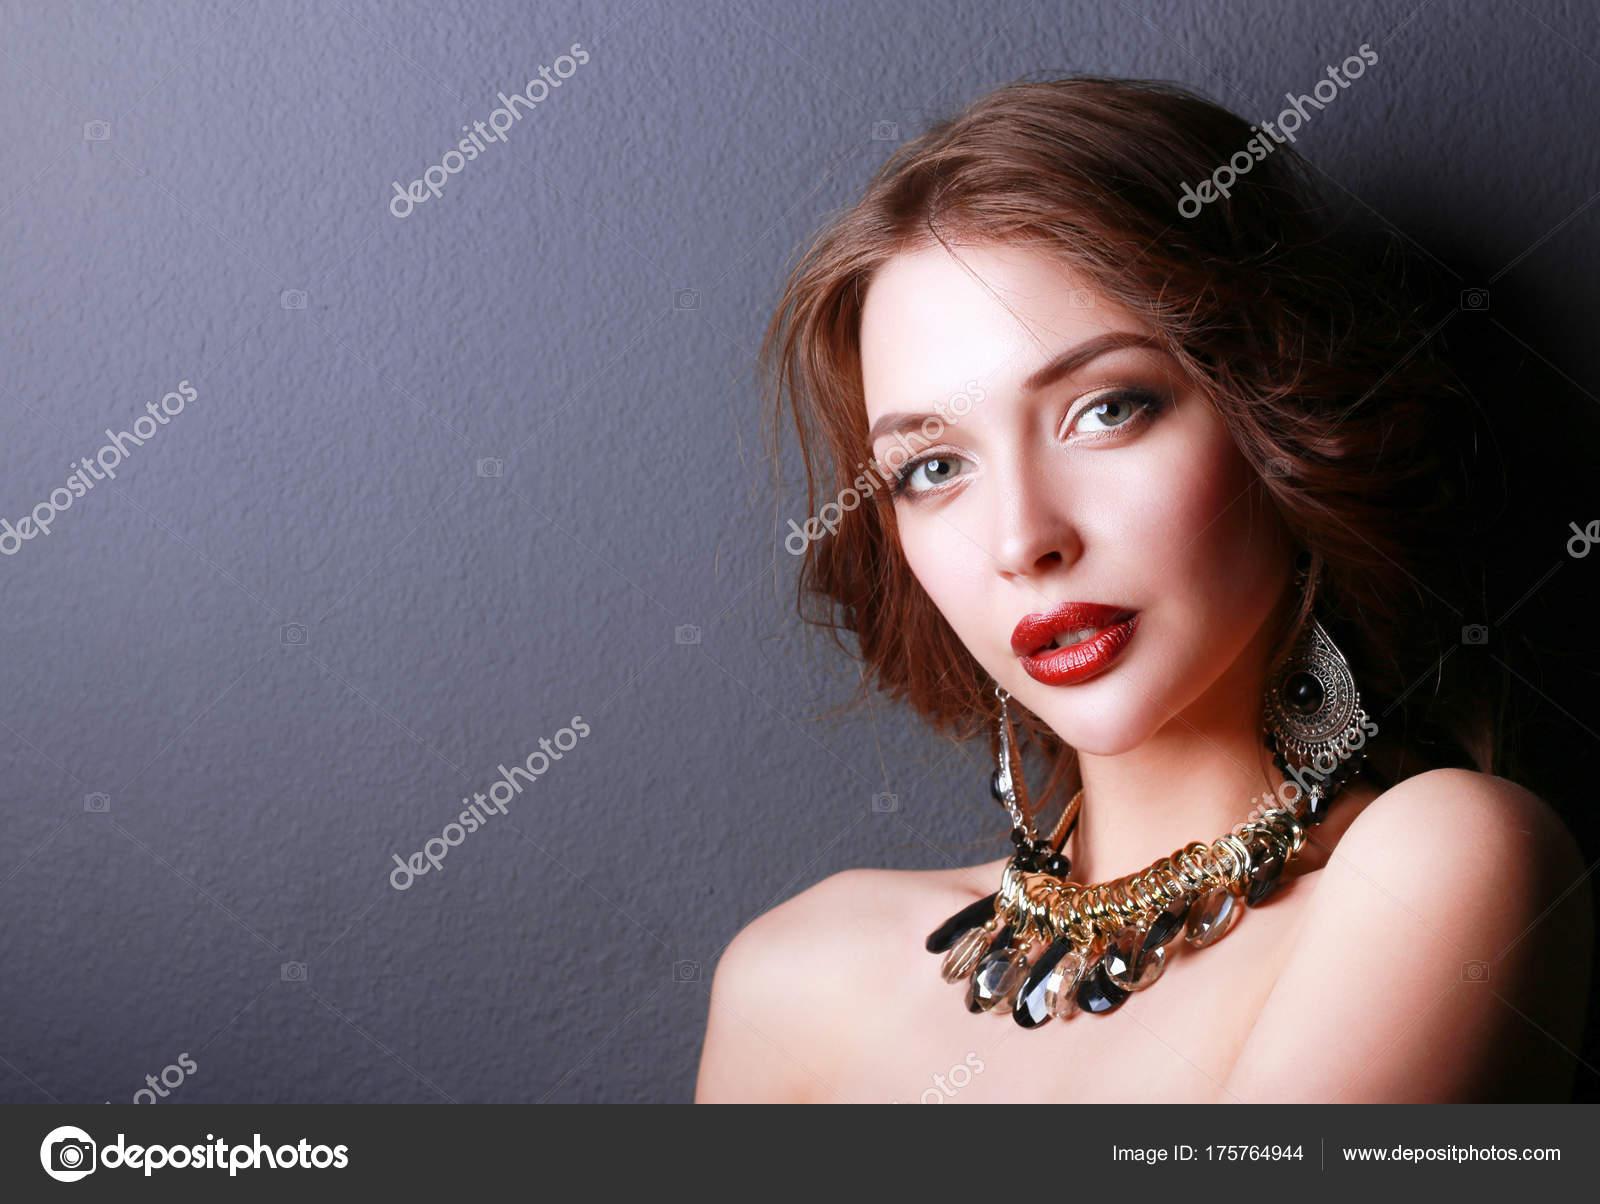 Maquillaje noche vestido negro